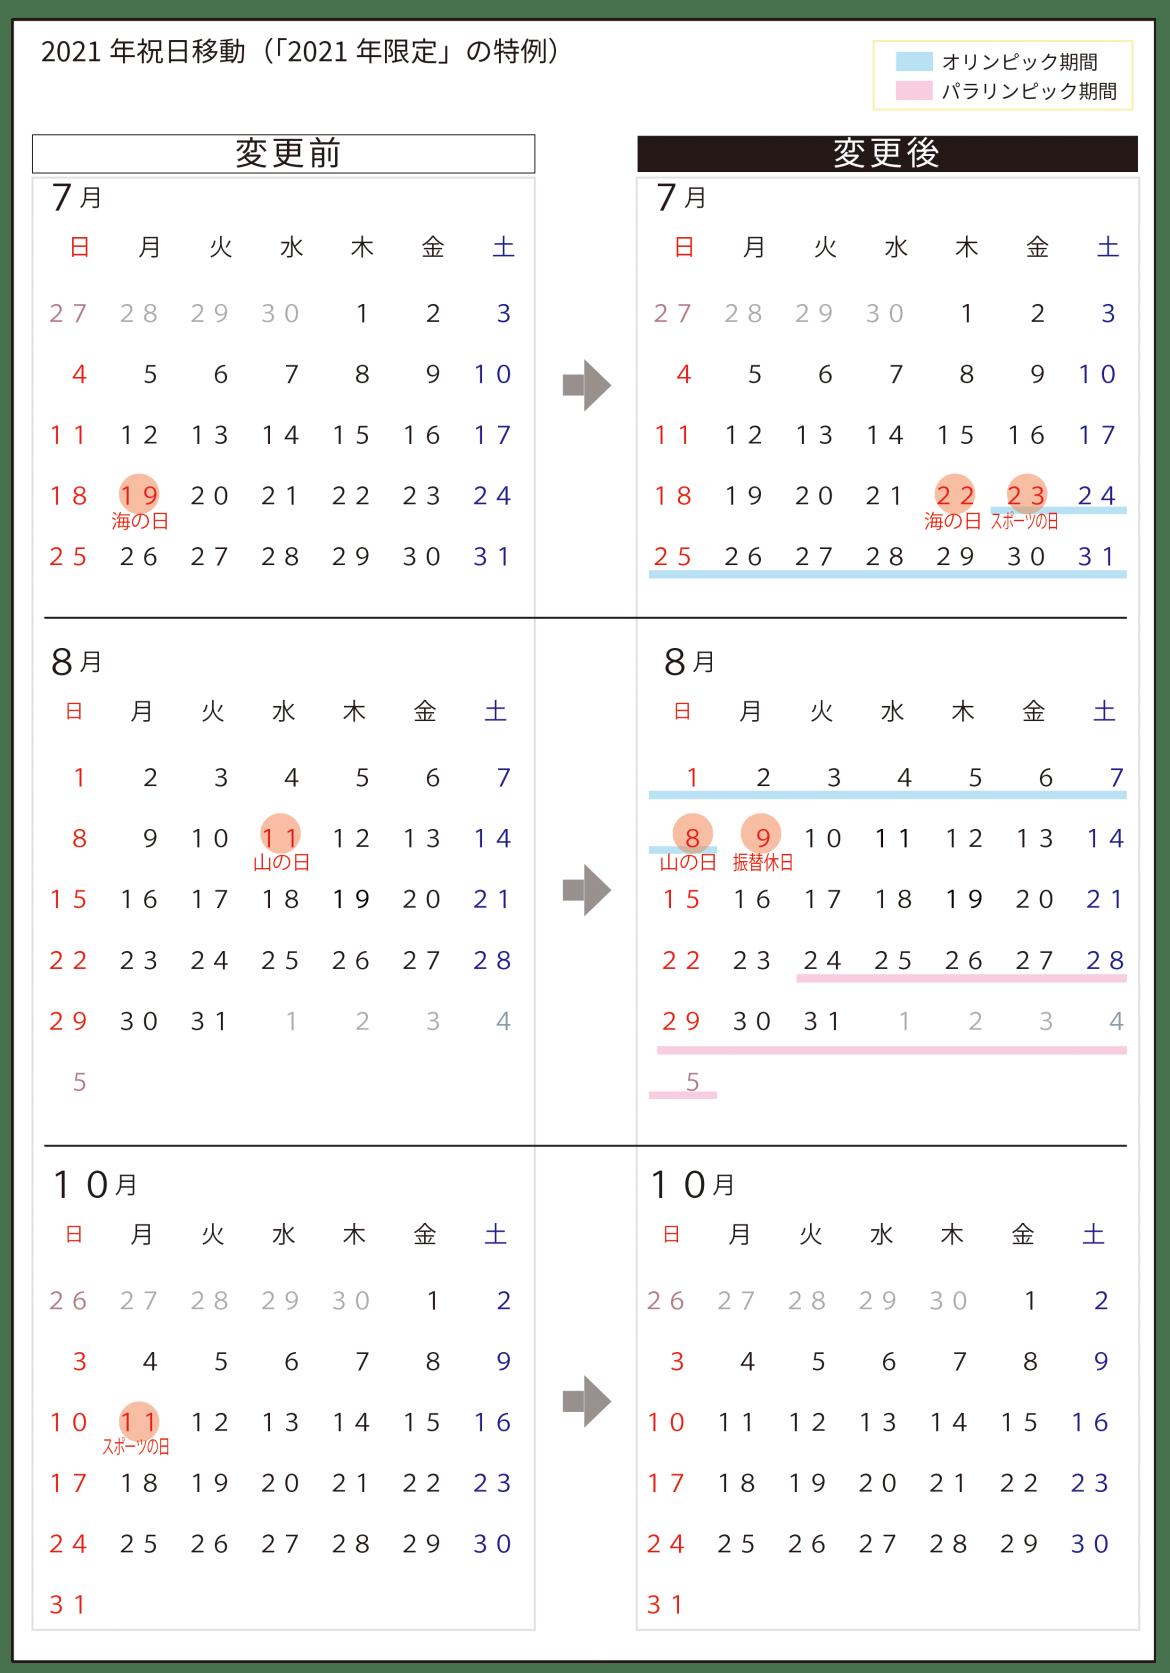 2021年の祝日について